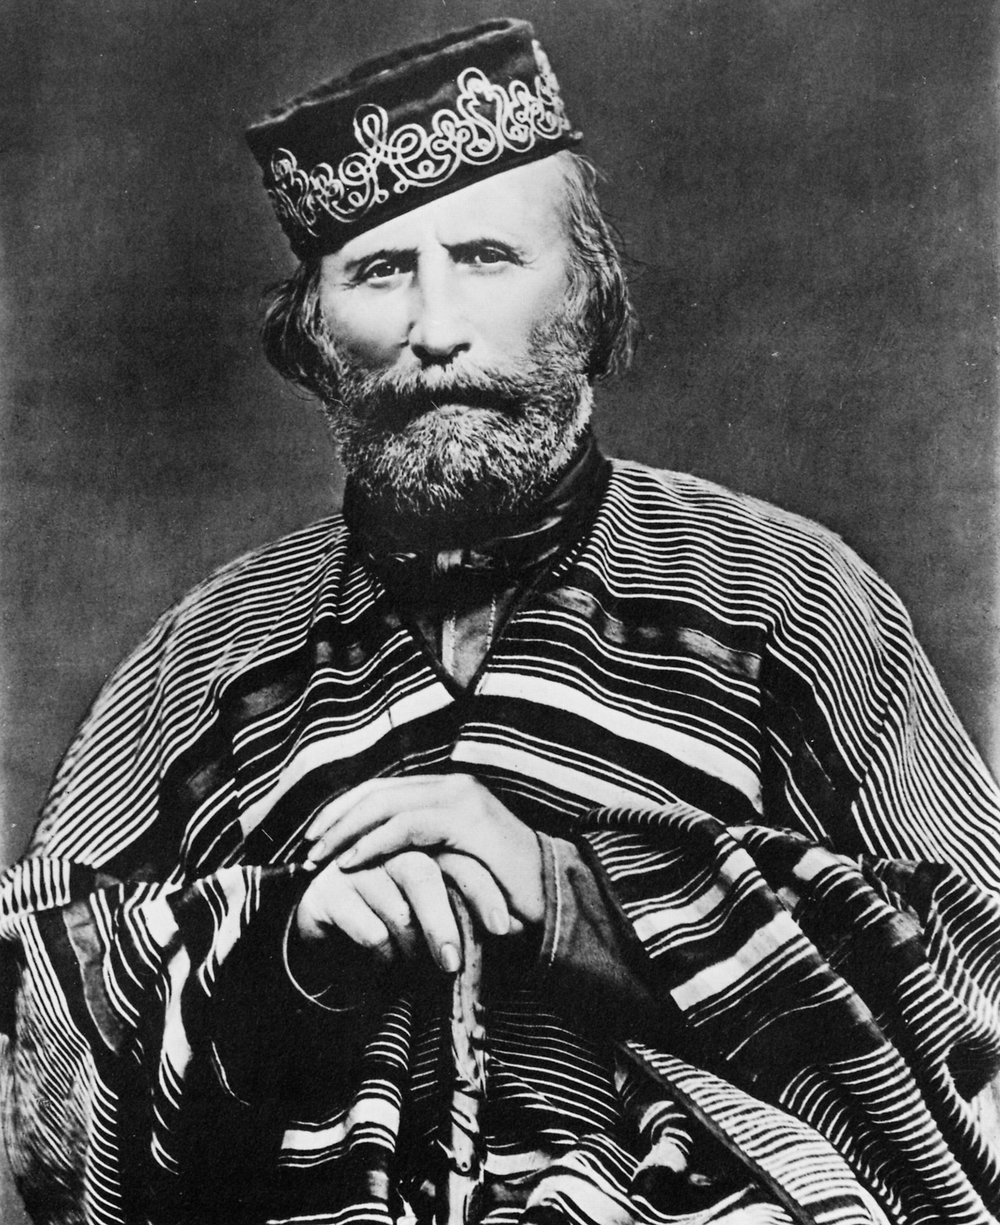 Sai mai che sia stato Garibaldi.